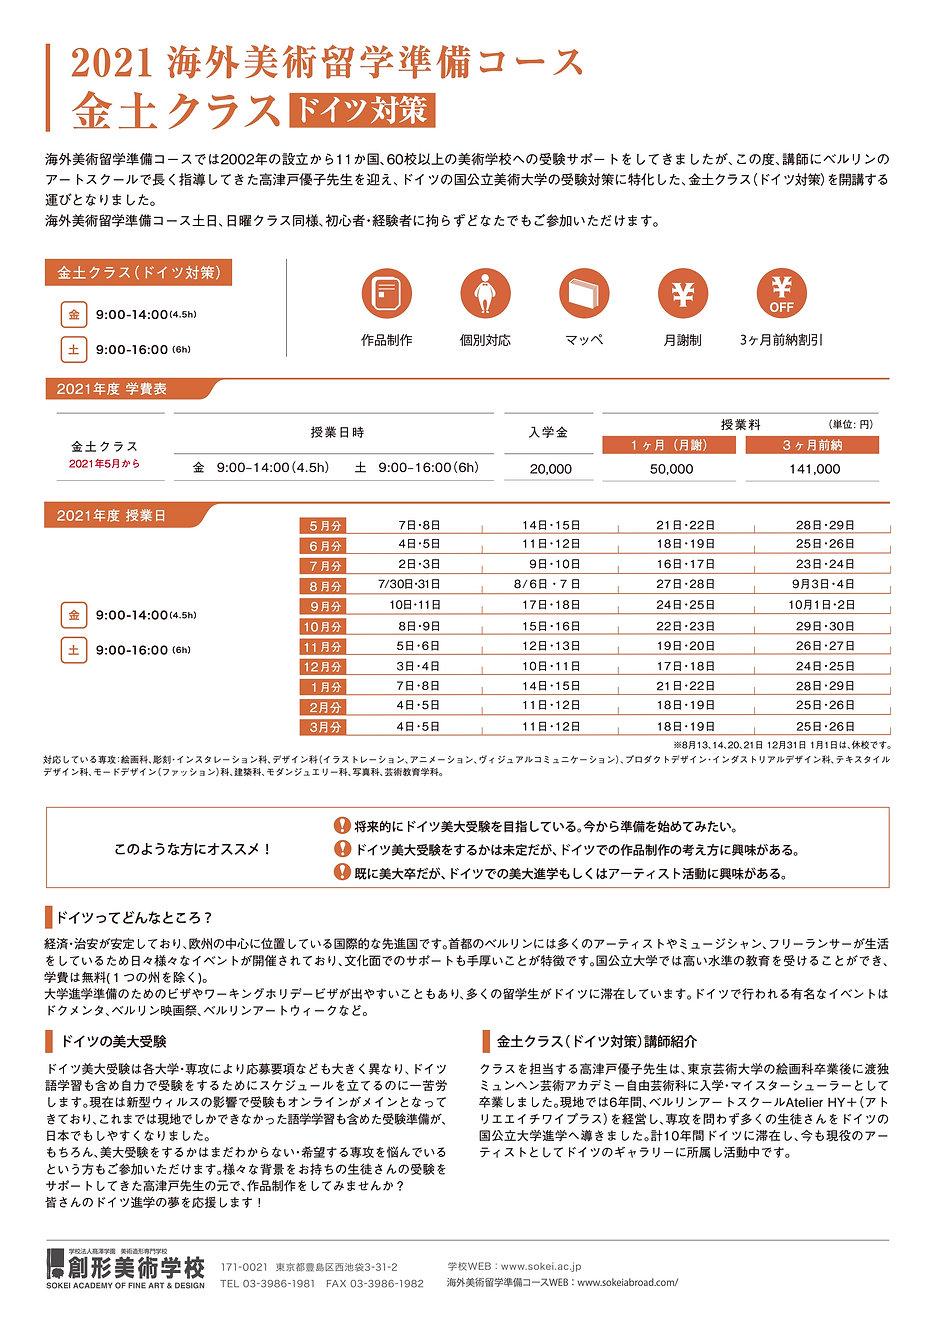 2021年度授業日学費案内 留学コース2.jpg